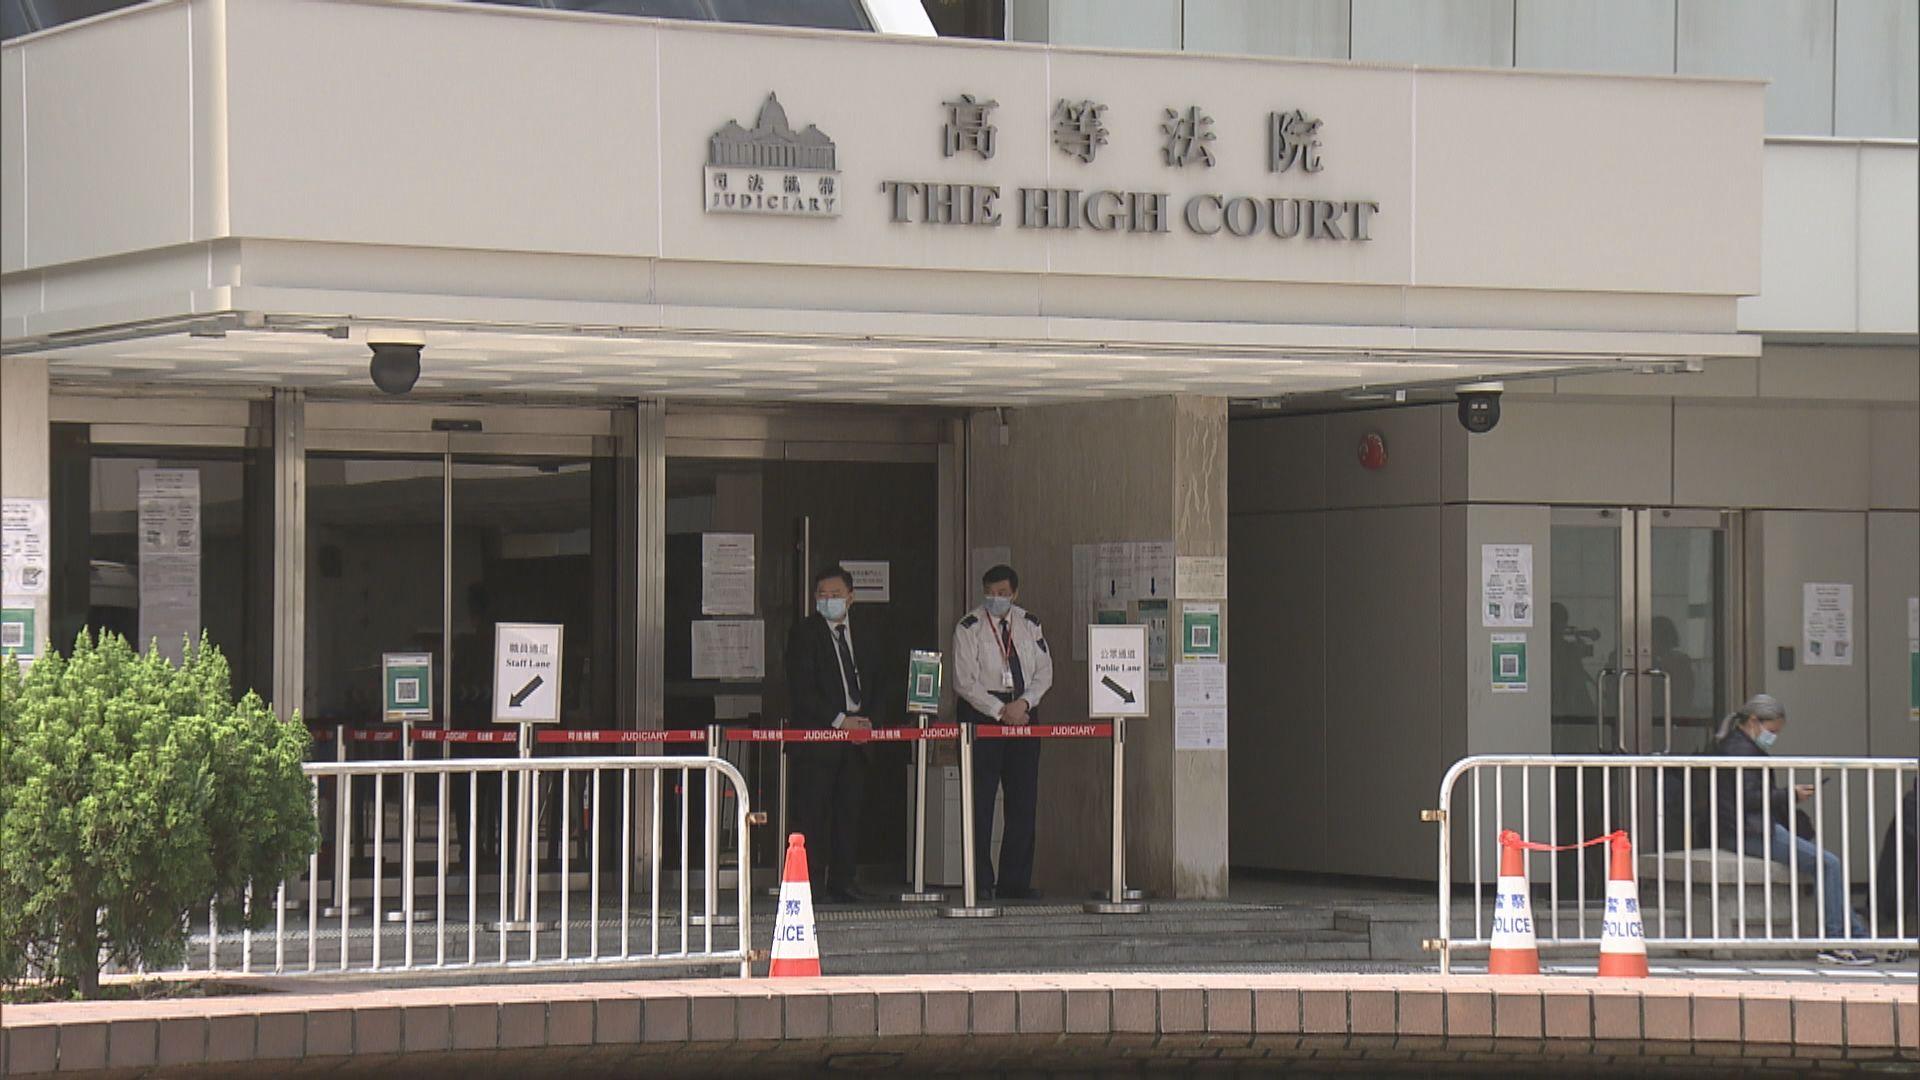 男子612腹中橡膠子彈 入稟索警員資料被法庭拒絕